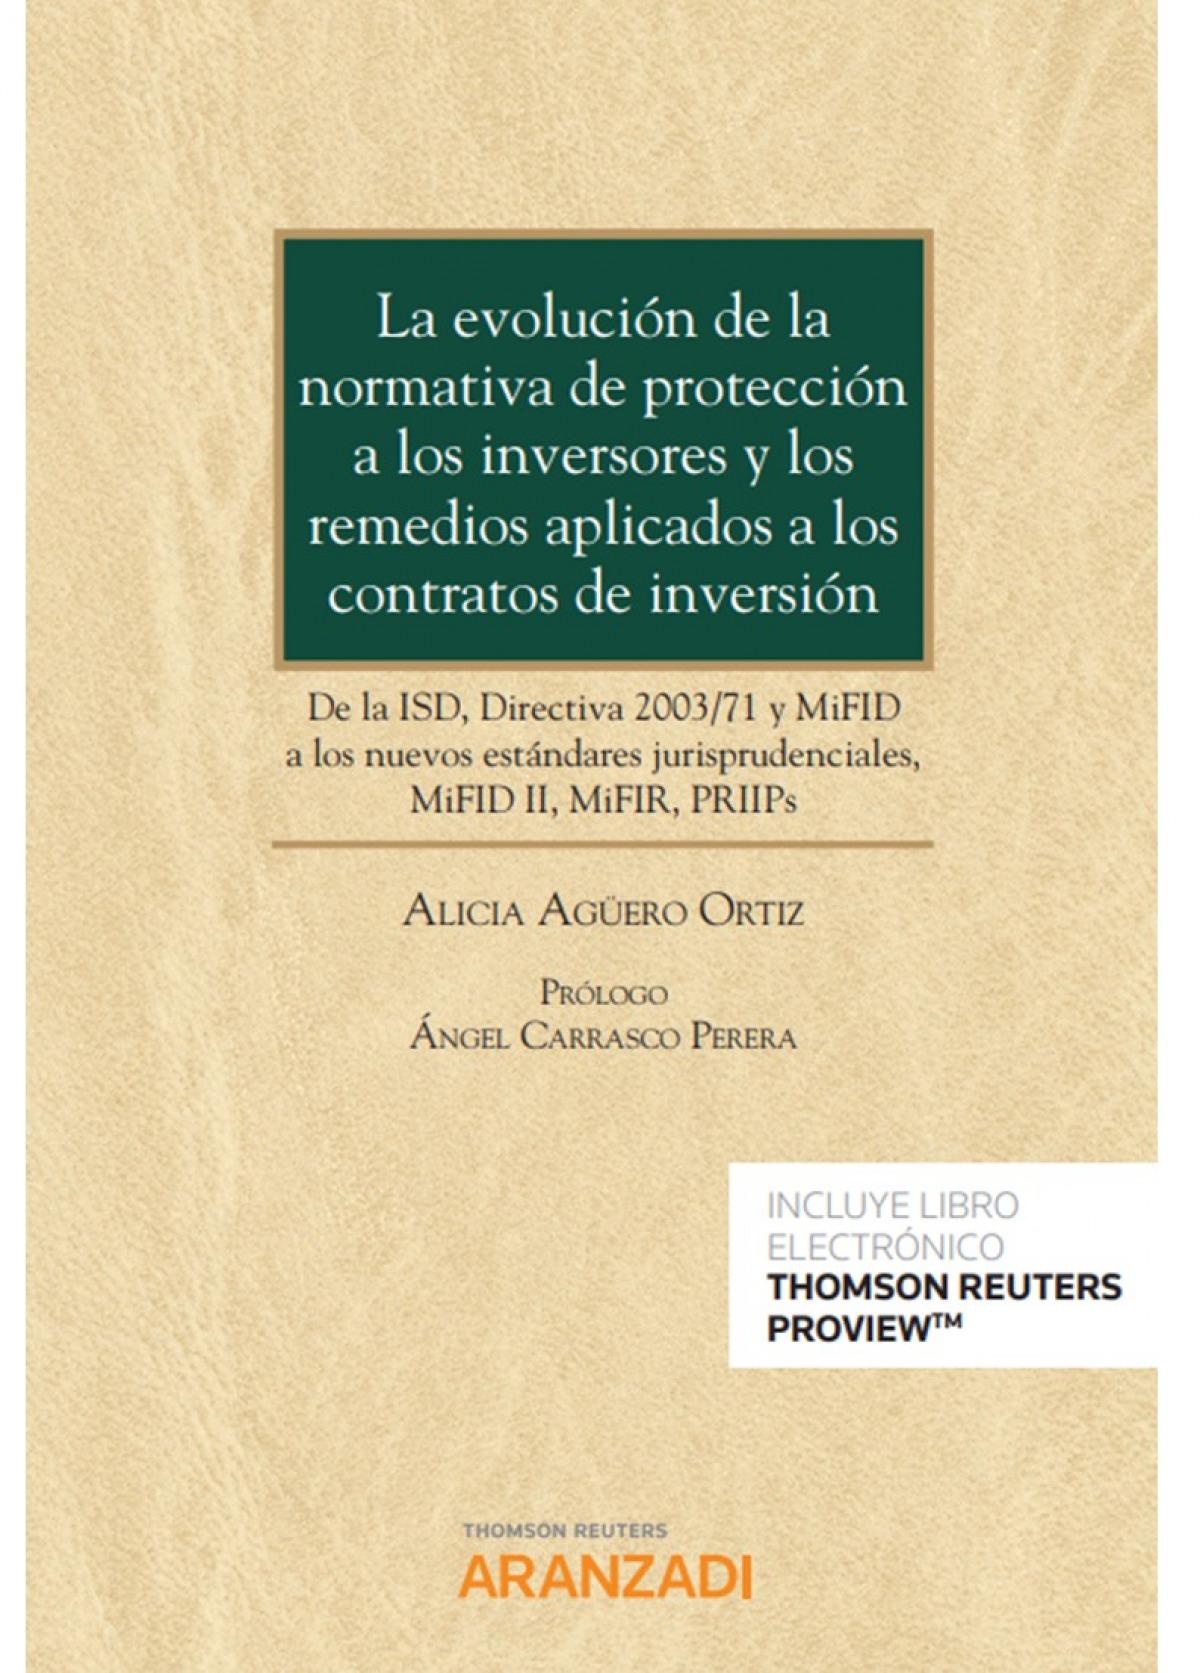 Evolución de la normativa de protección a los inversores y los re 9788413455280